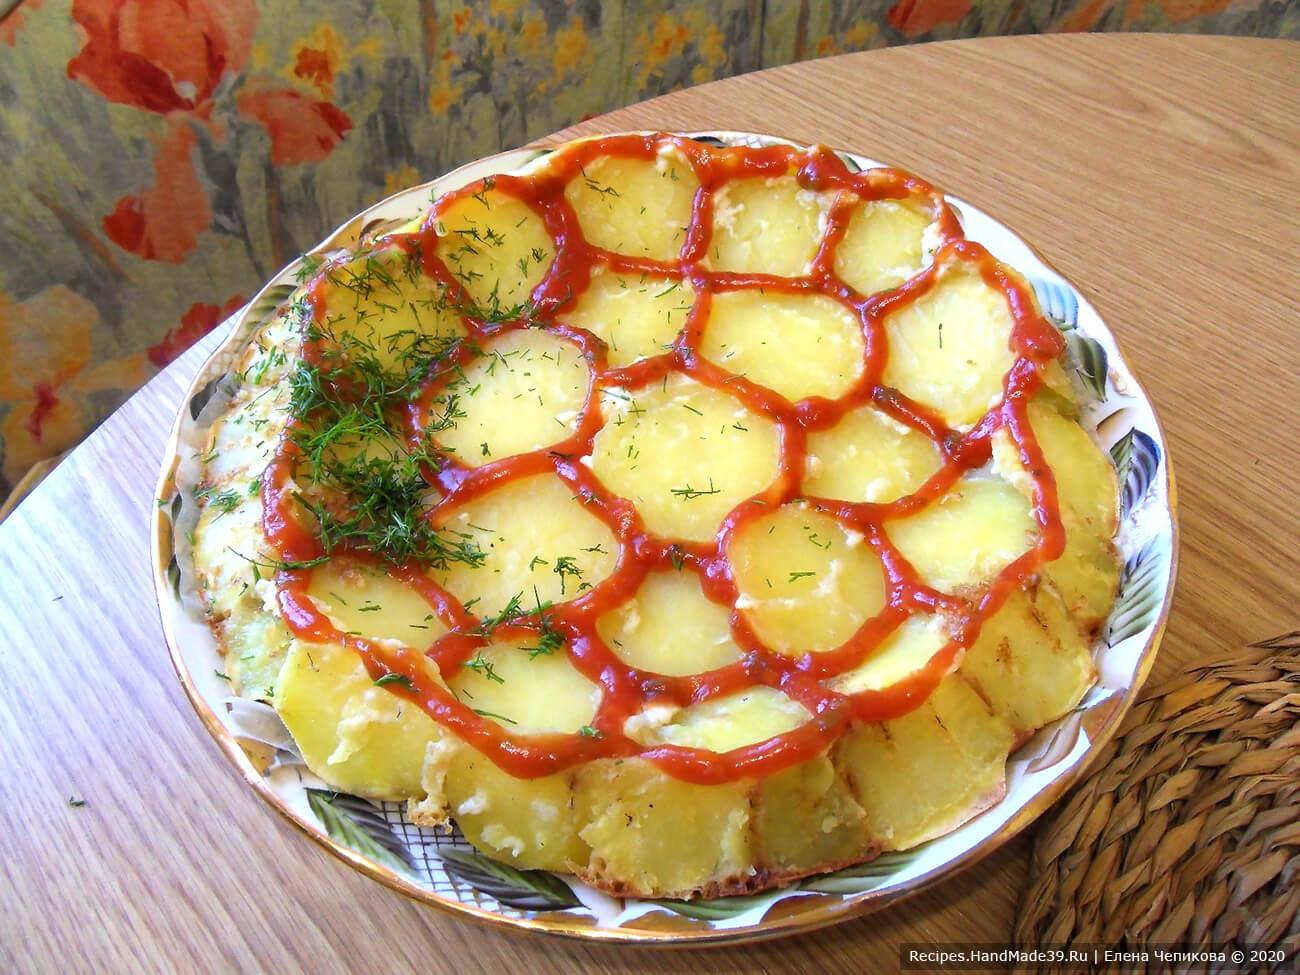 Картофельный пирог «Черепаха» с рыбными консервами – пошаговый рецепт с фото